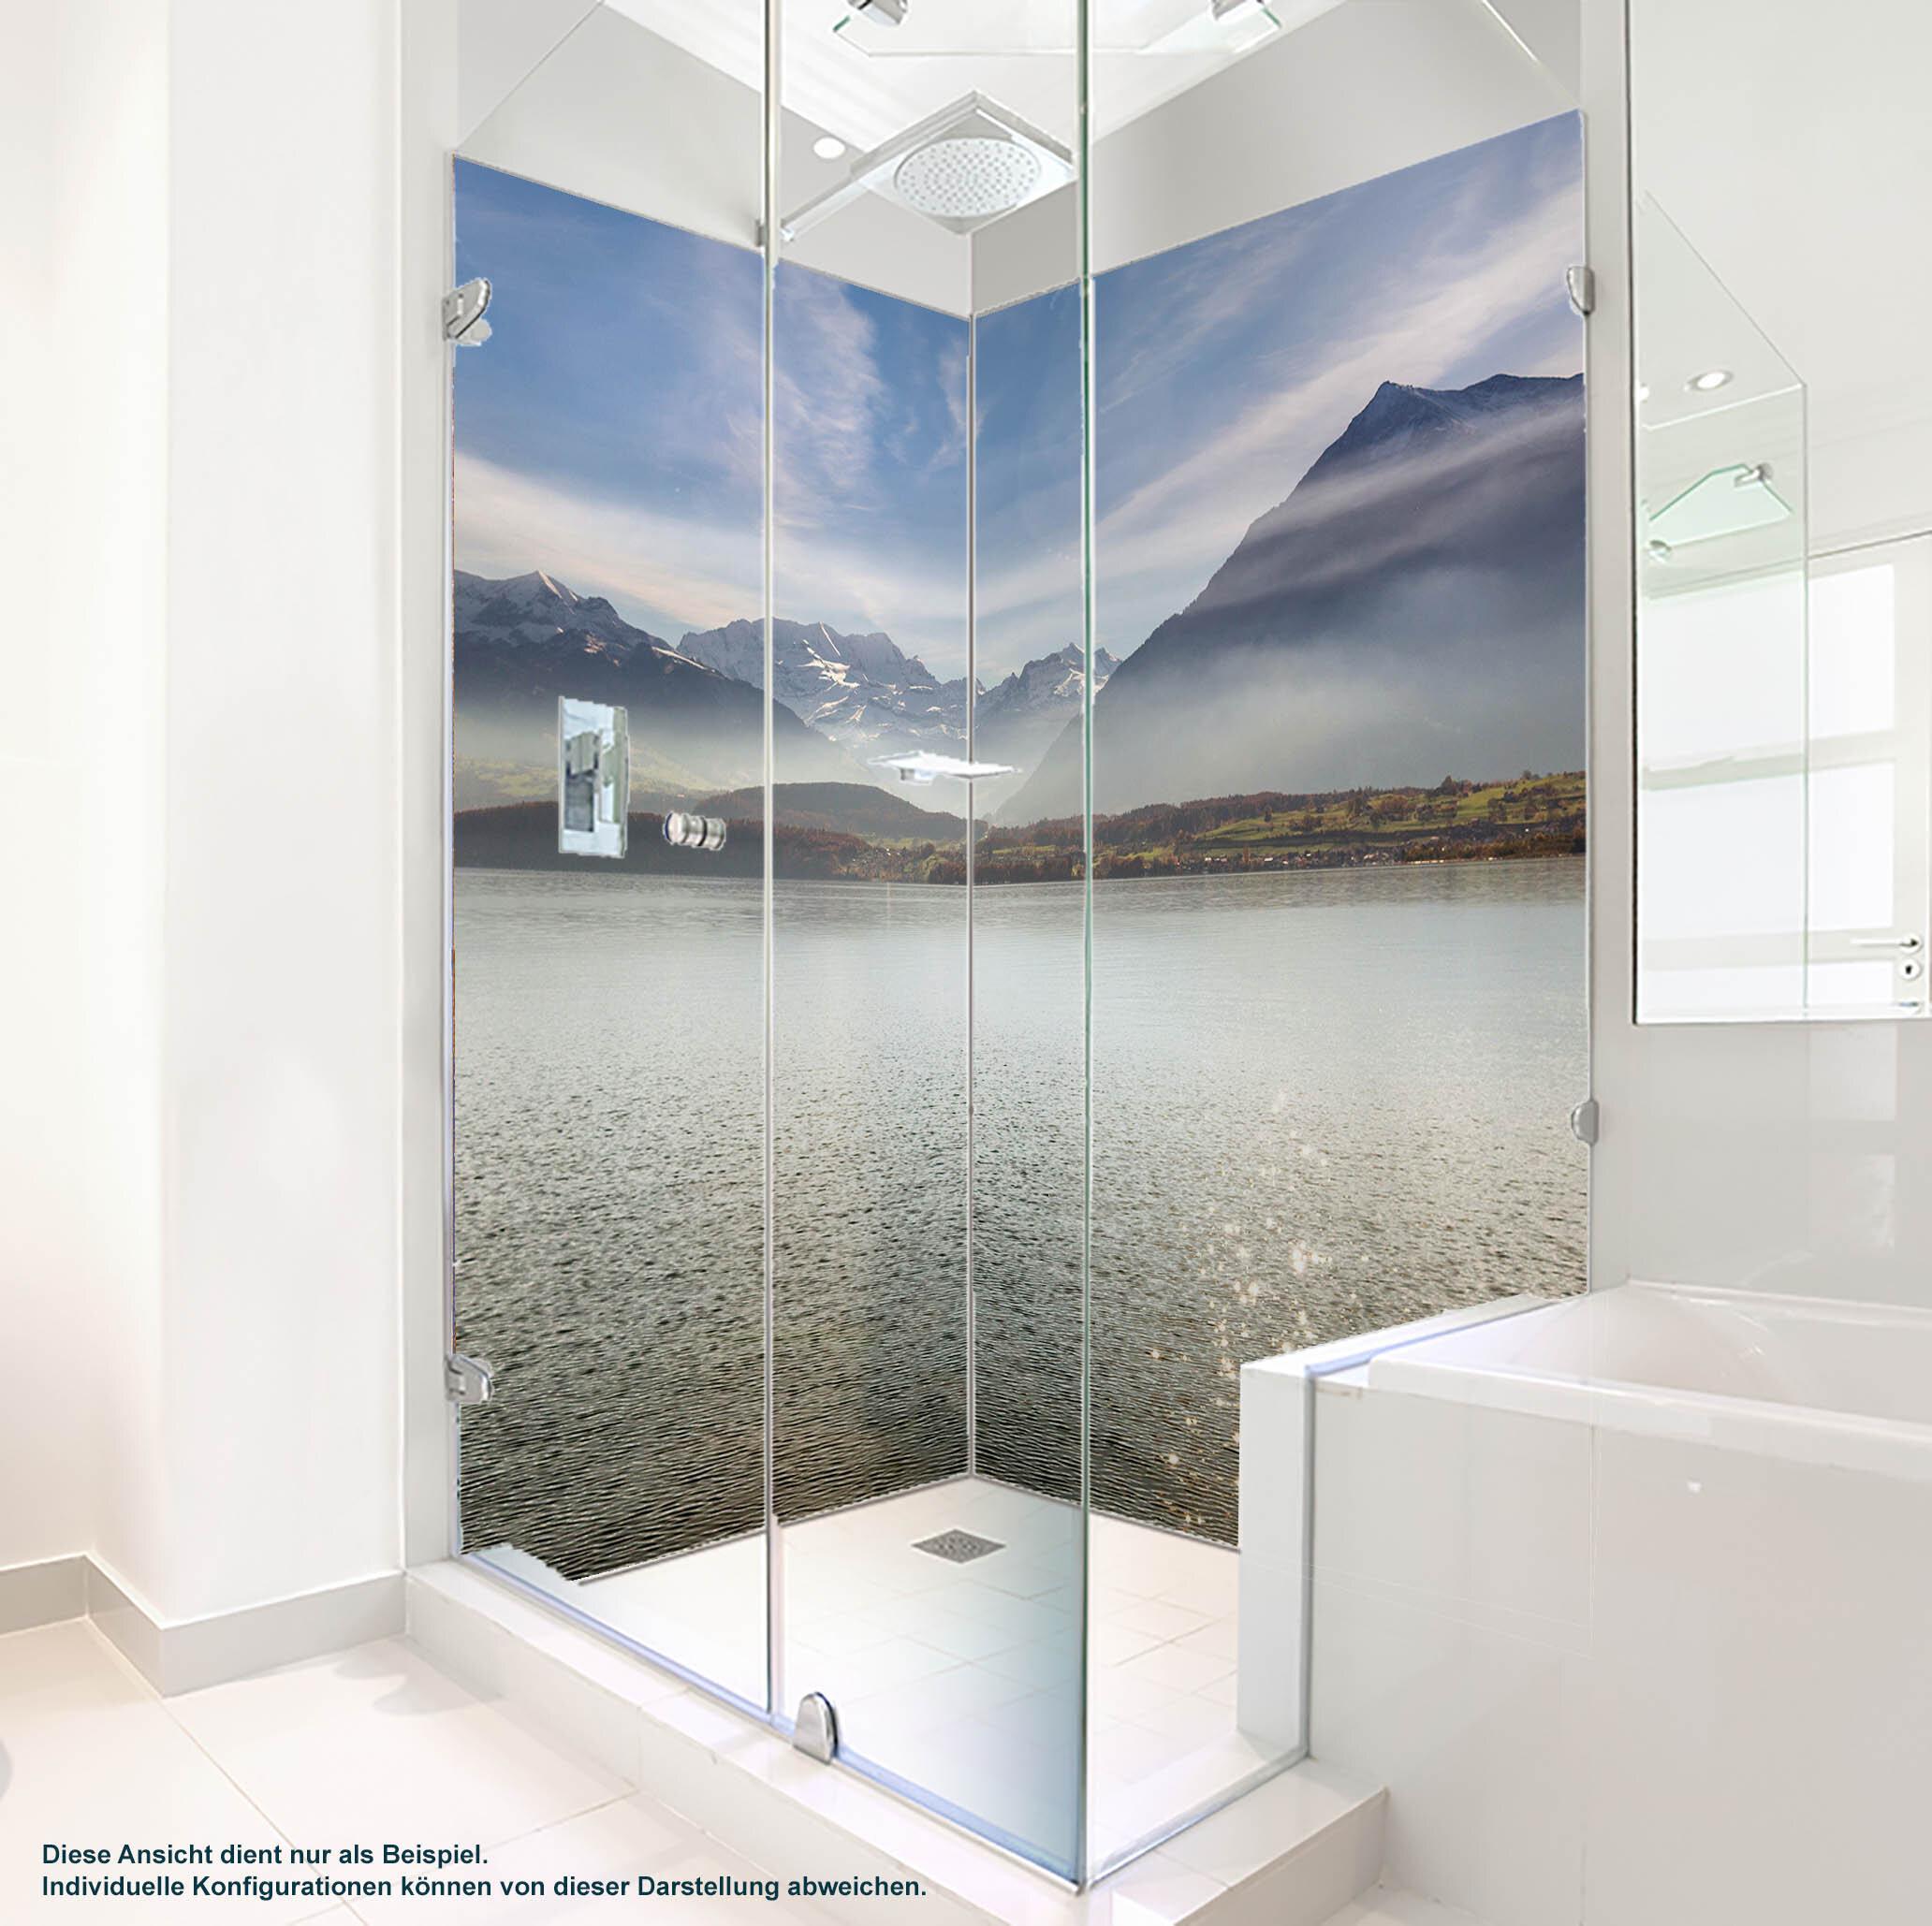 Dusche PlateART Duschrückwand mit Motiv Bergsee